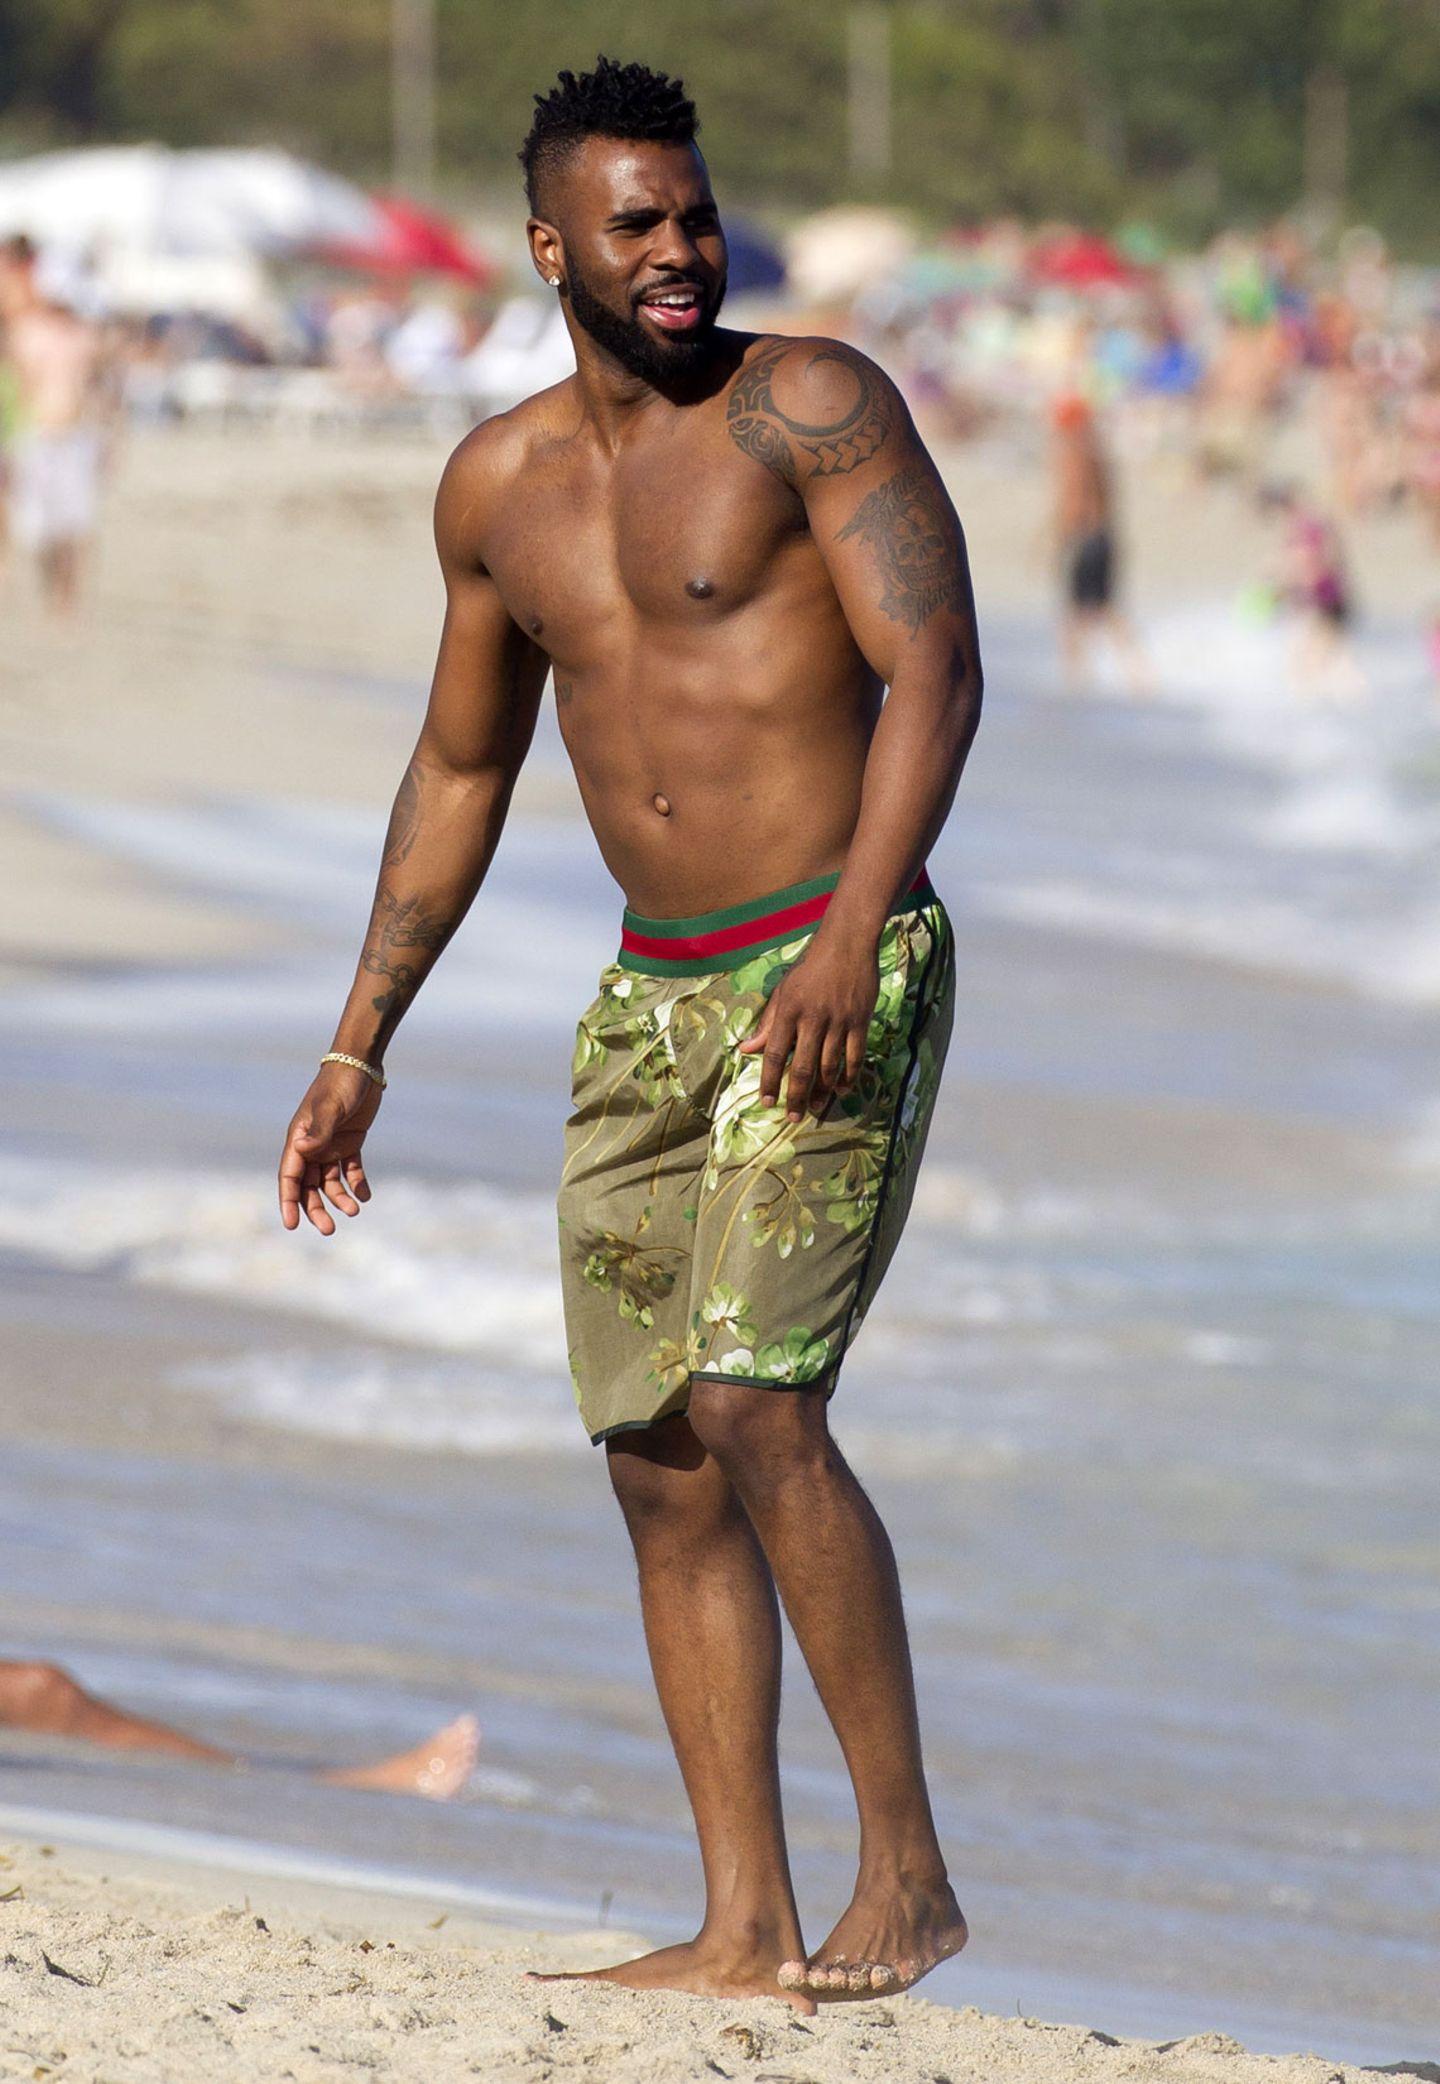 Jason Derulo präsentiert stahlhart seinen Body mit Tattoos und wählt als Kontrast einen Blütenshort in milden Grüntönen.